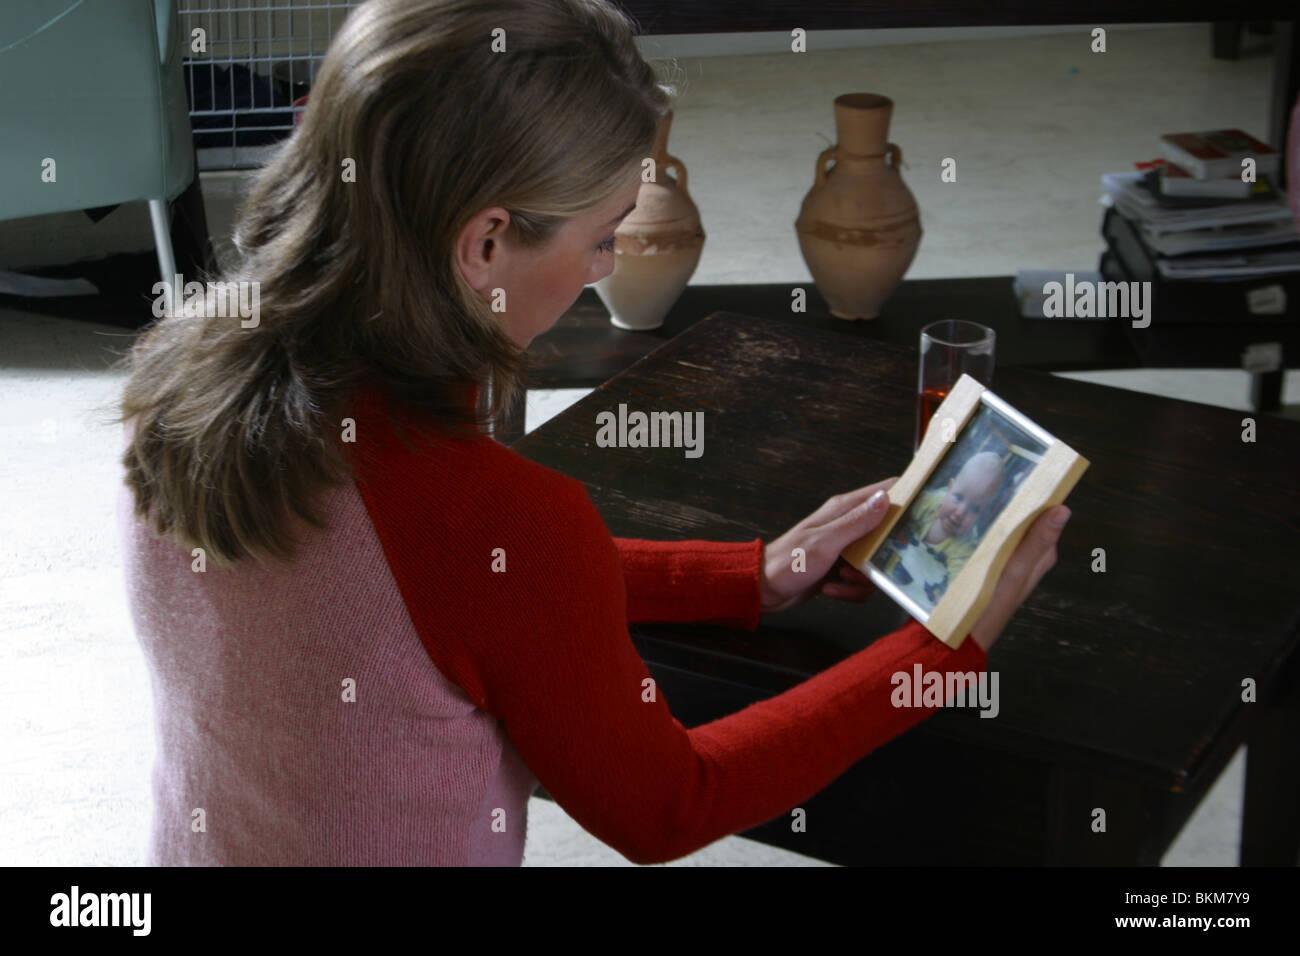 Jeune brunette woman photo dans un cadre et la pensée Banque D'Images